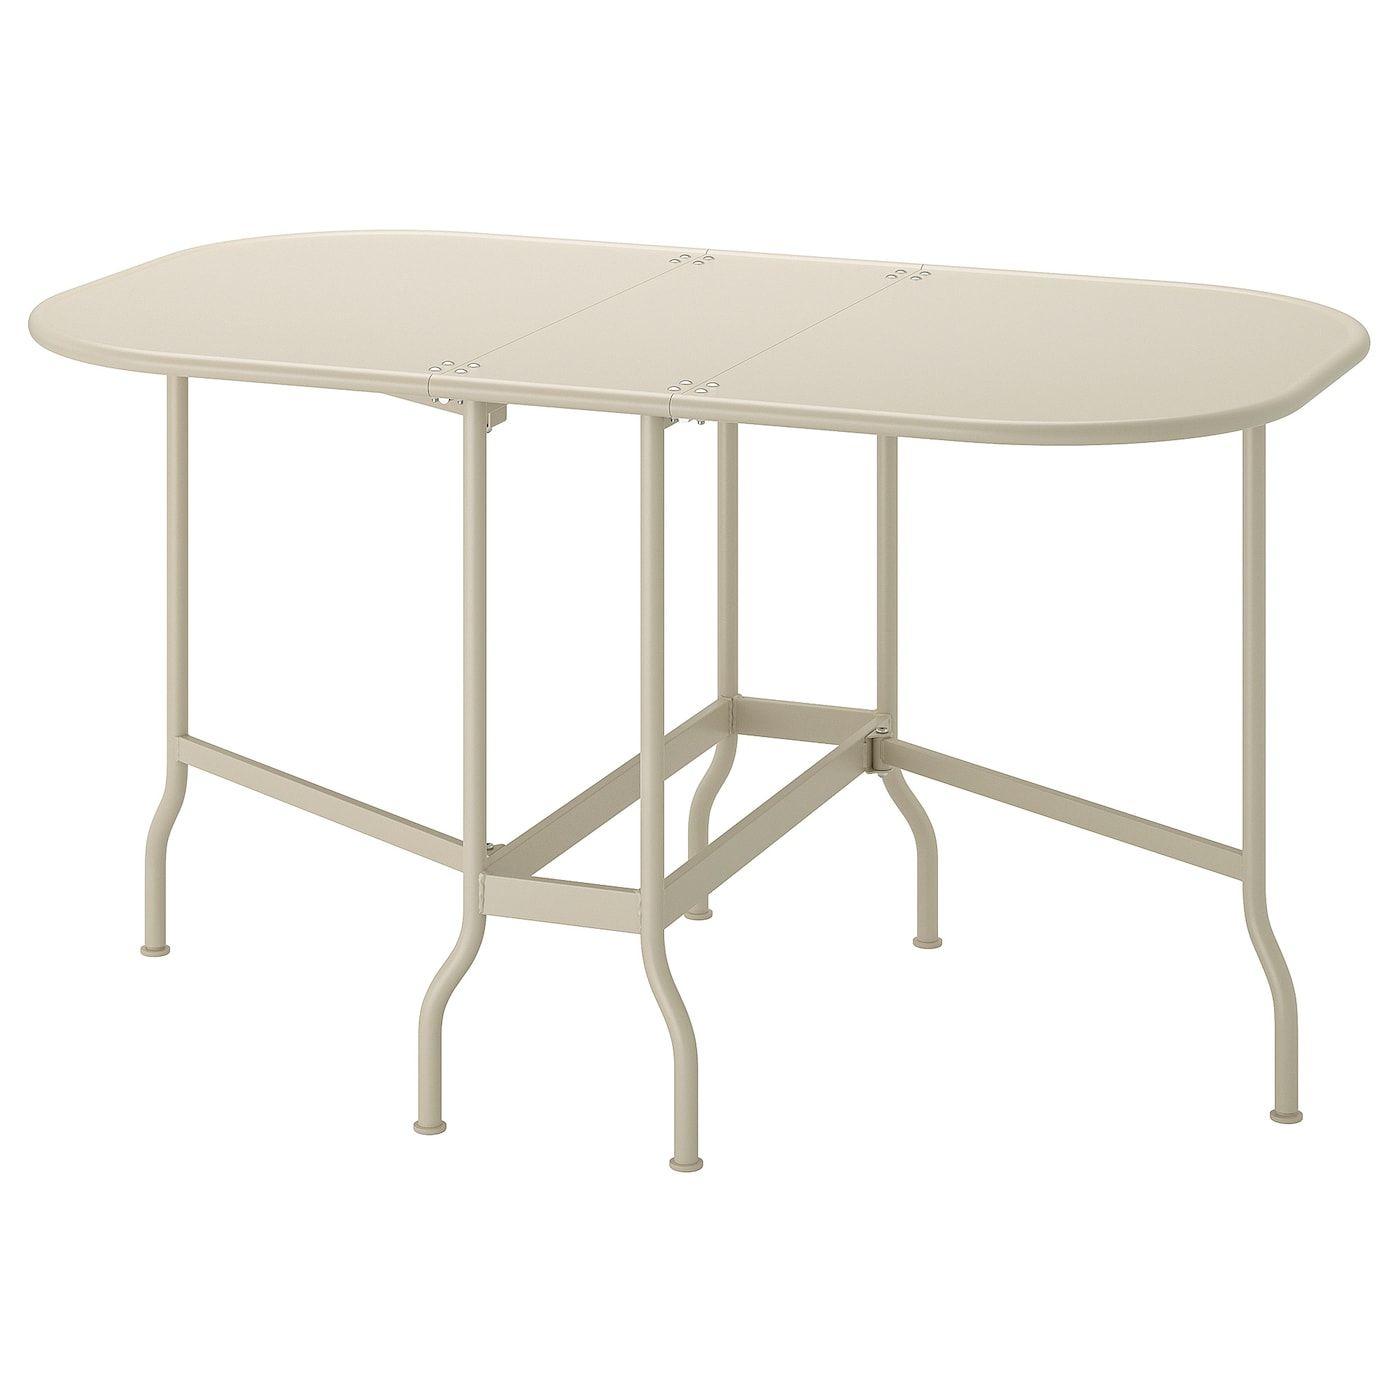 Garden Tables Made Of Metal Wood Or Aluminum Ikea Wandklapptisch Kleines Balkon Dekor Wandtisch